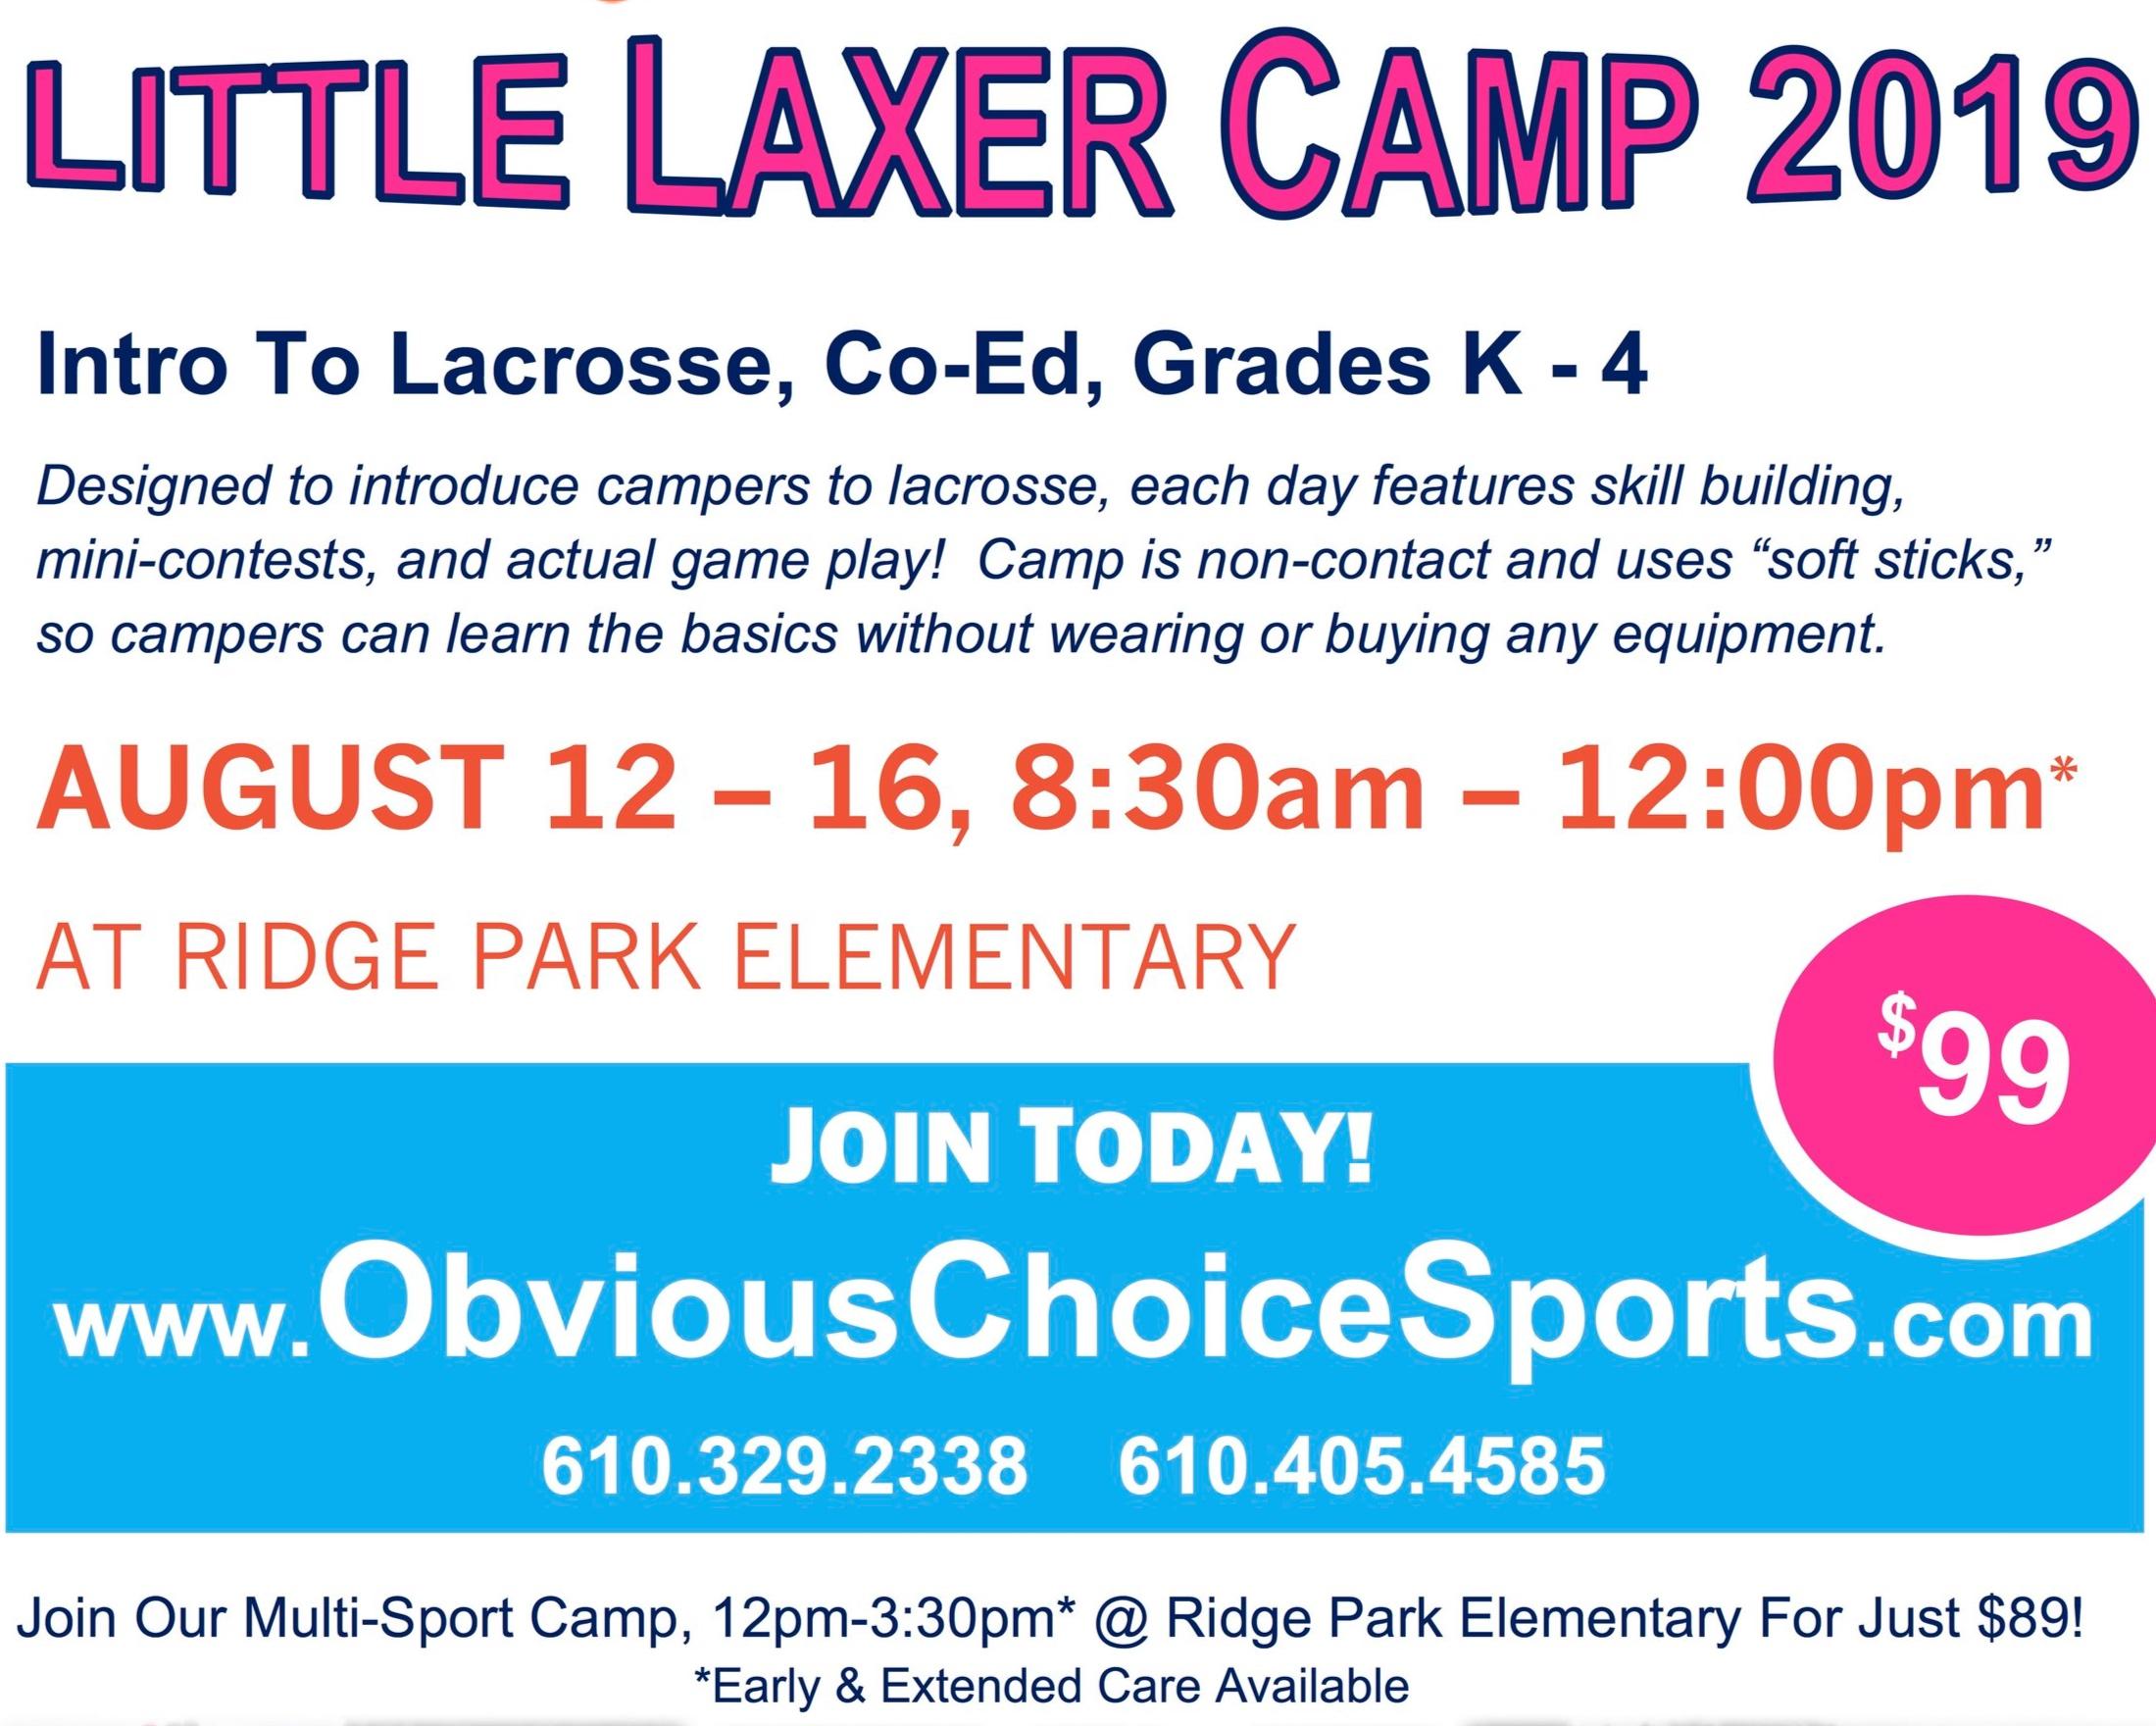 Little+Laxer+Summer+Camp+2019+Flyer+-+Draft.jpg